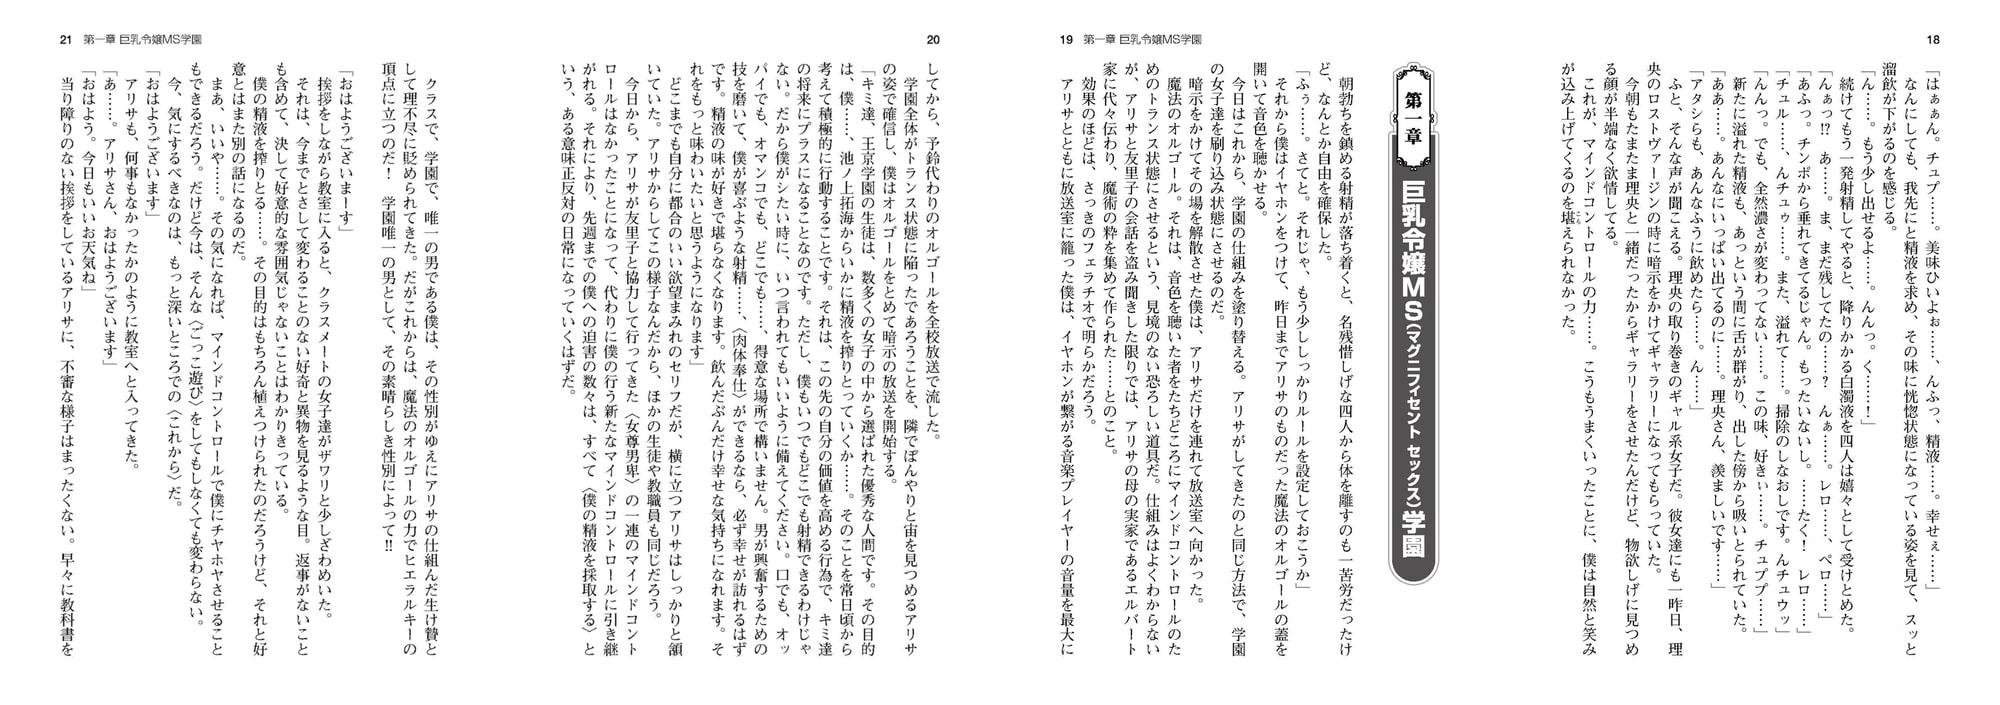 巨乳令嬢MC学園~洗脳ハーレム強化計画~